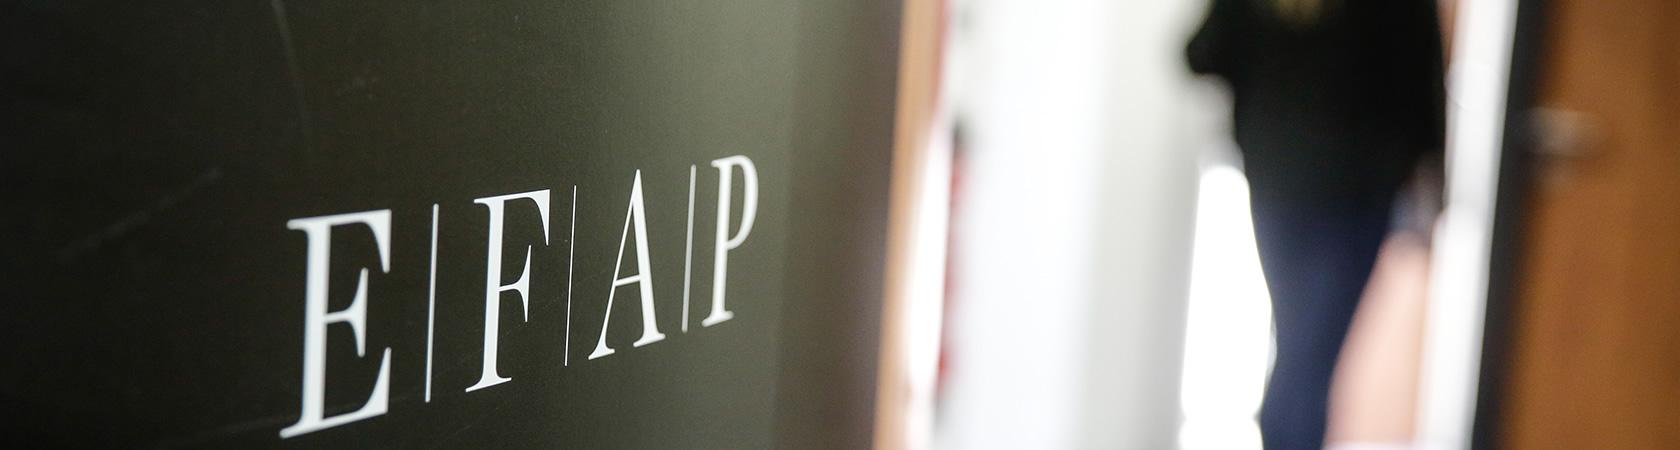 Formation Professionnelle - Ecole de Communication EFAP